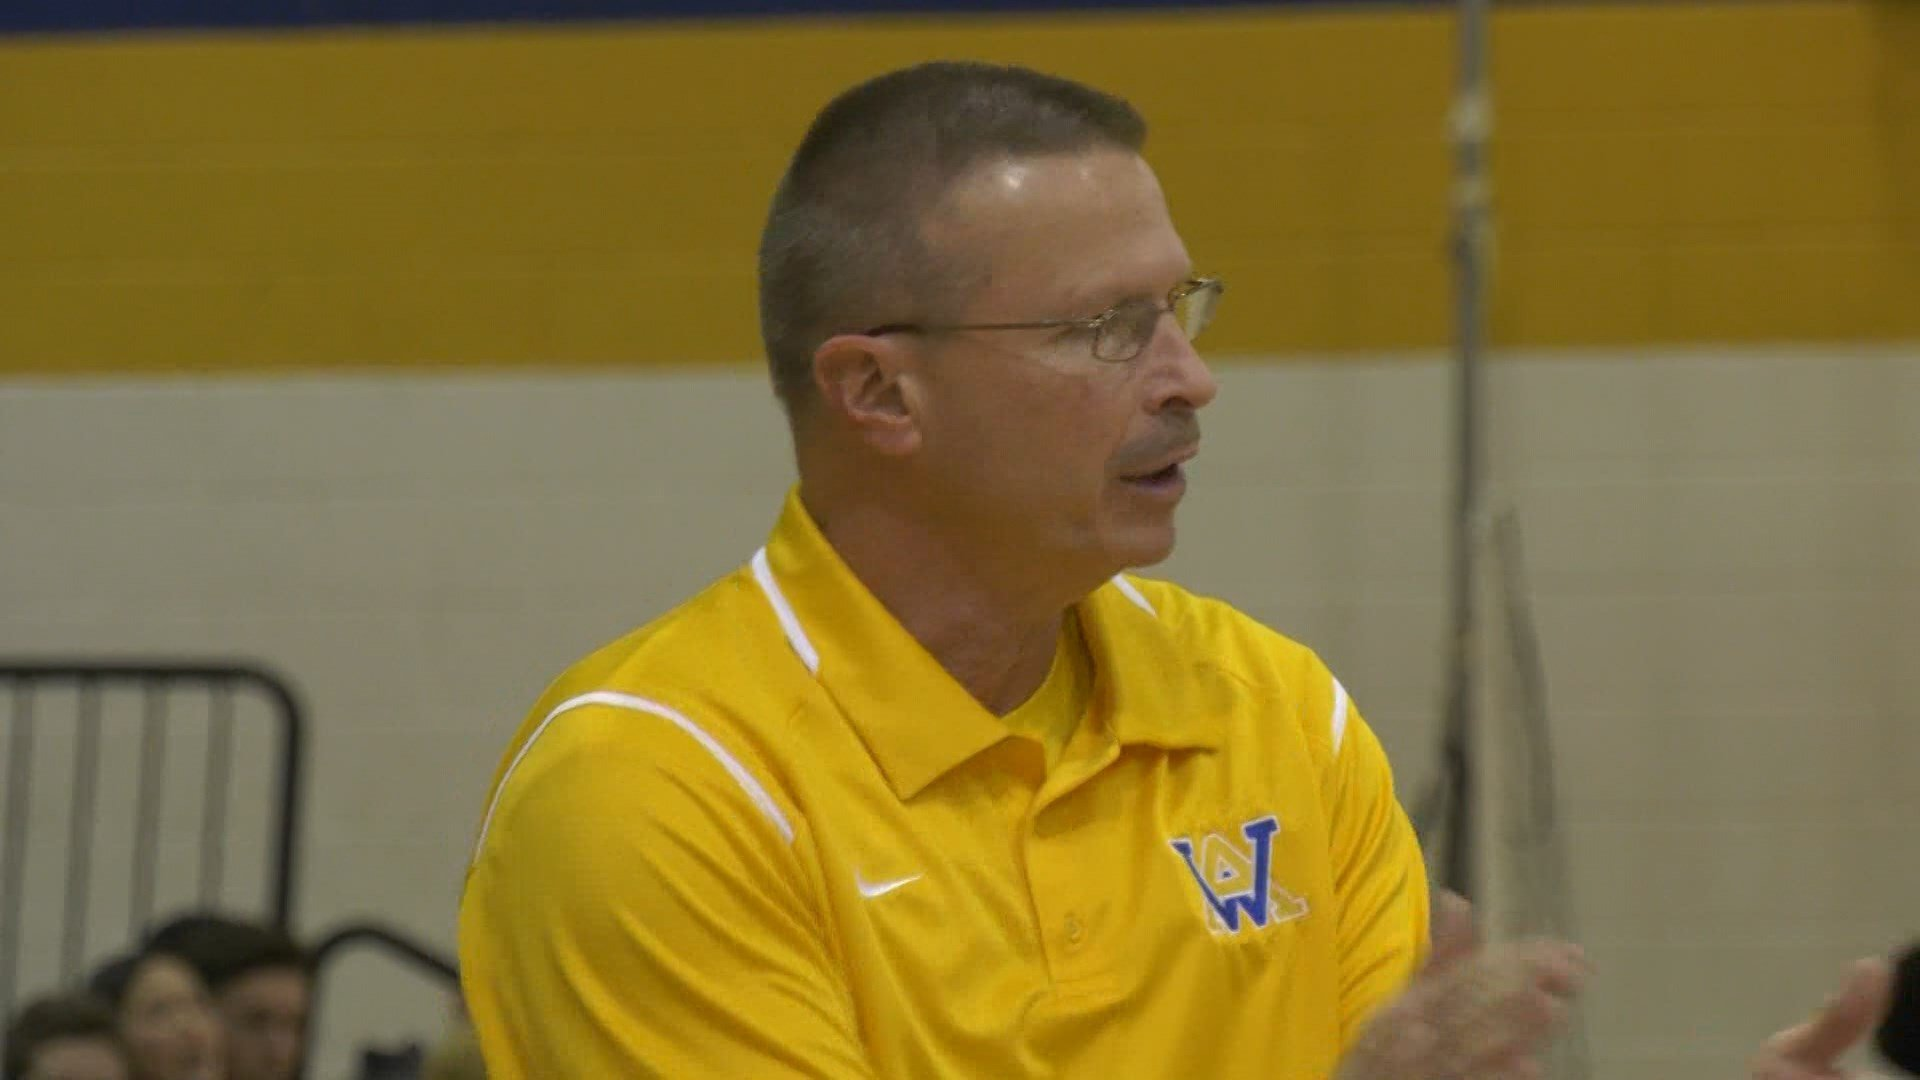 Western Albemarle head coach Darren Maynard